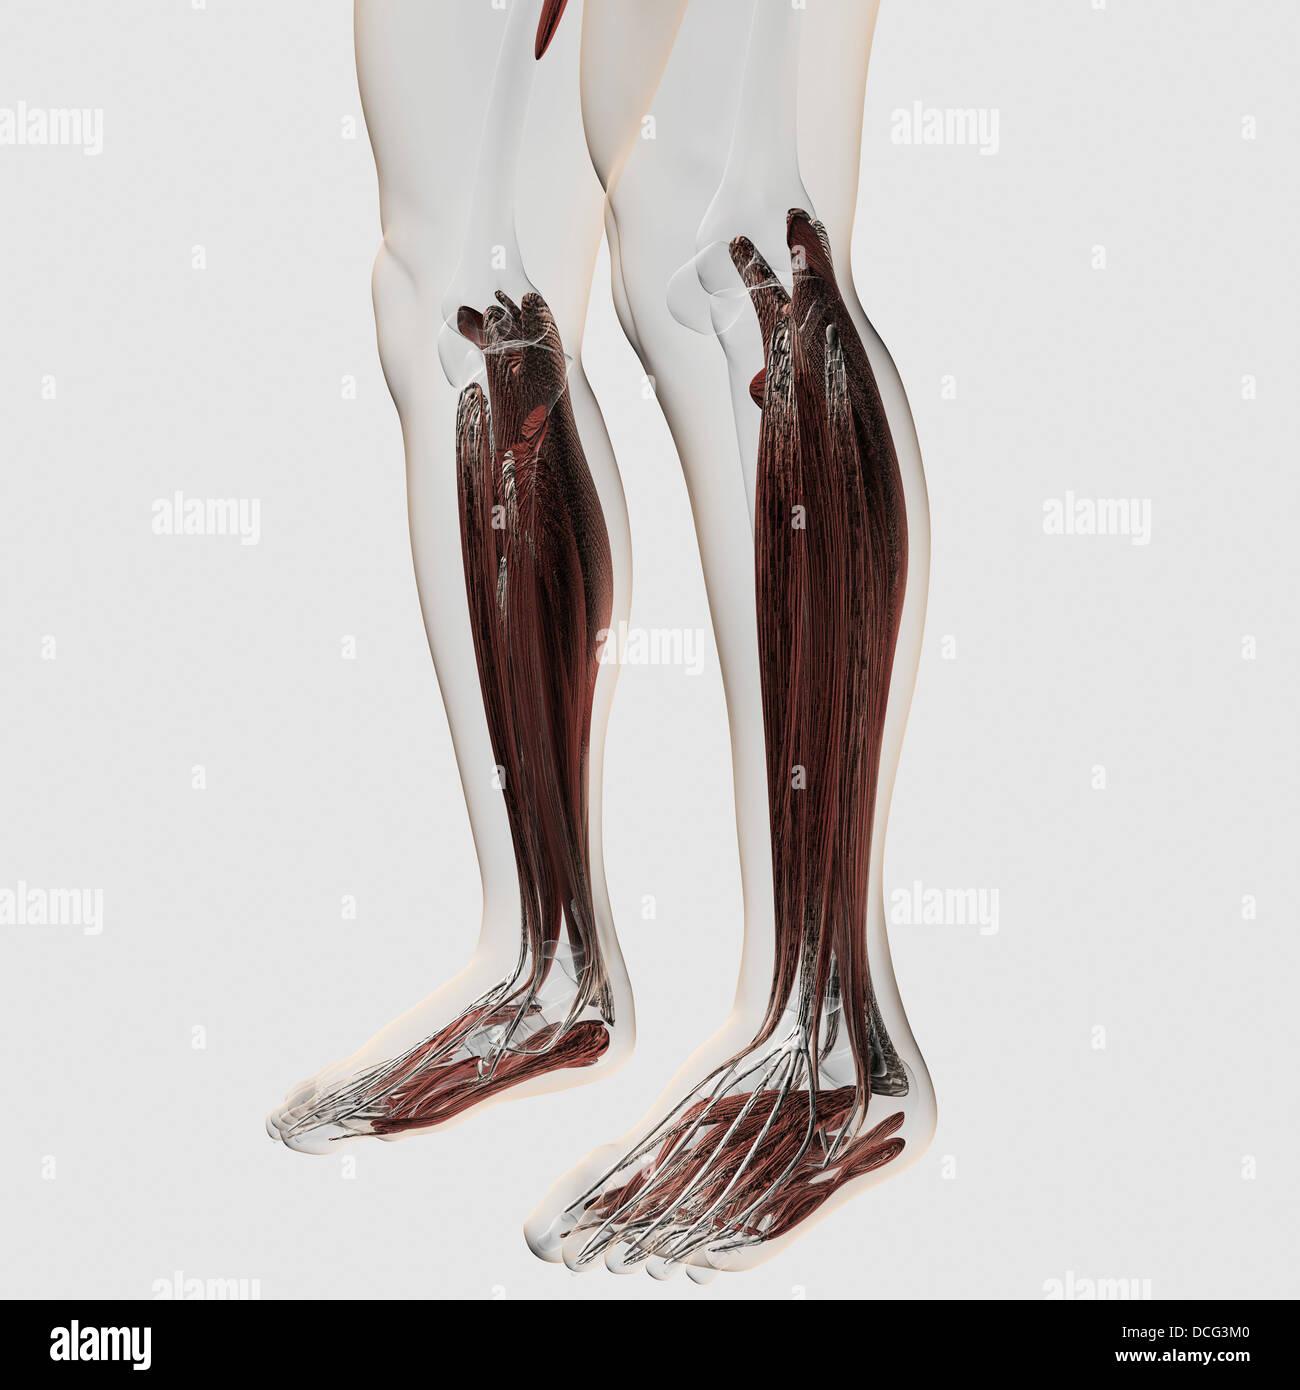 Großartig Anatomie Muskeln Bein Galerie - Menschliche Anatomie ...